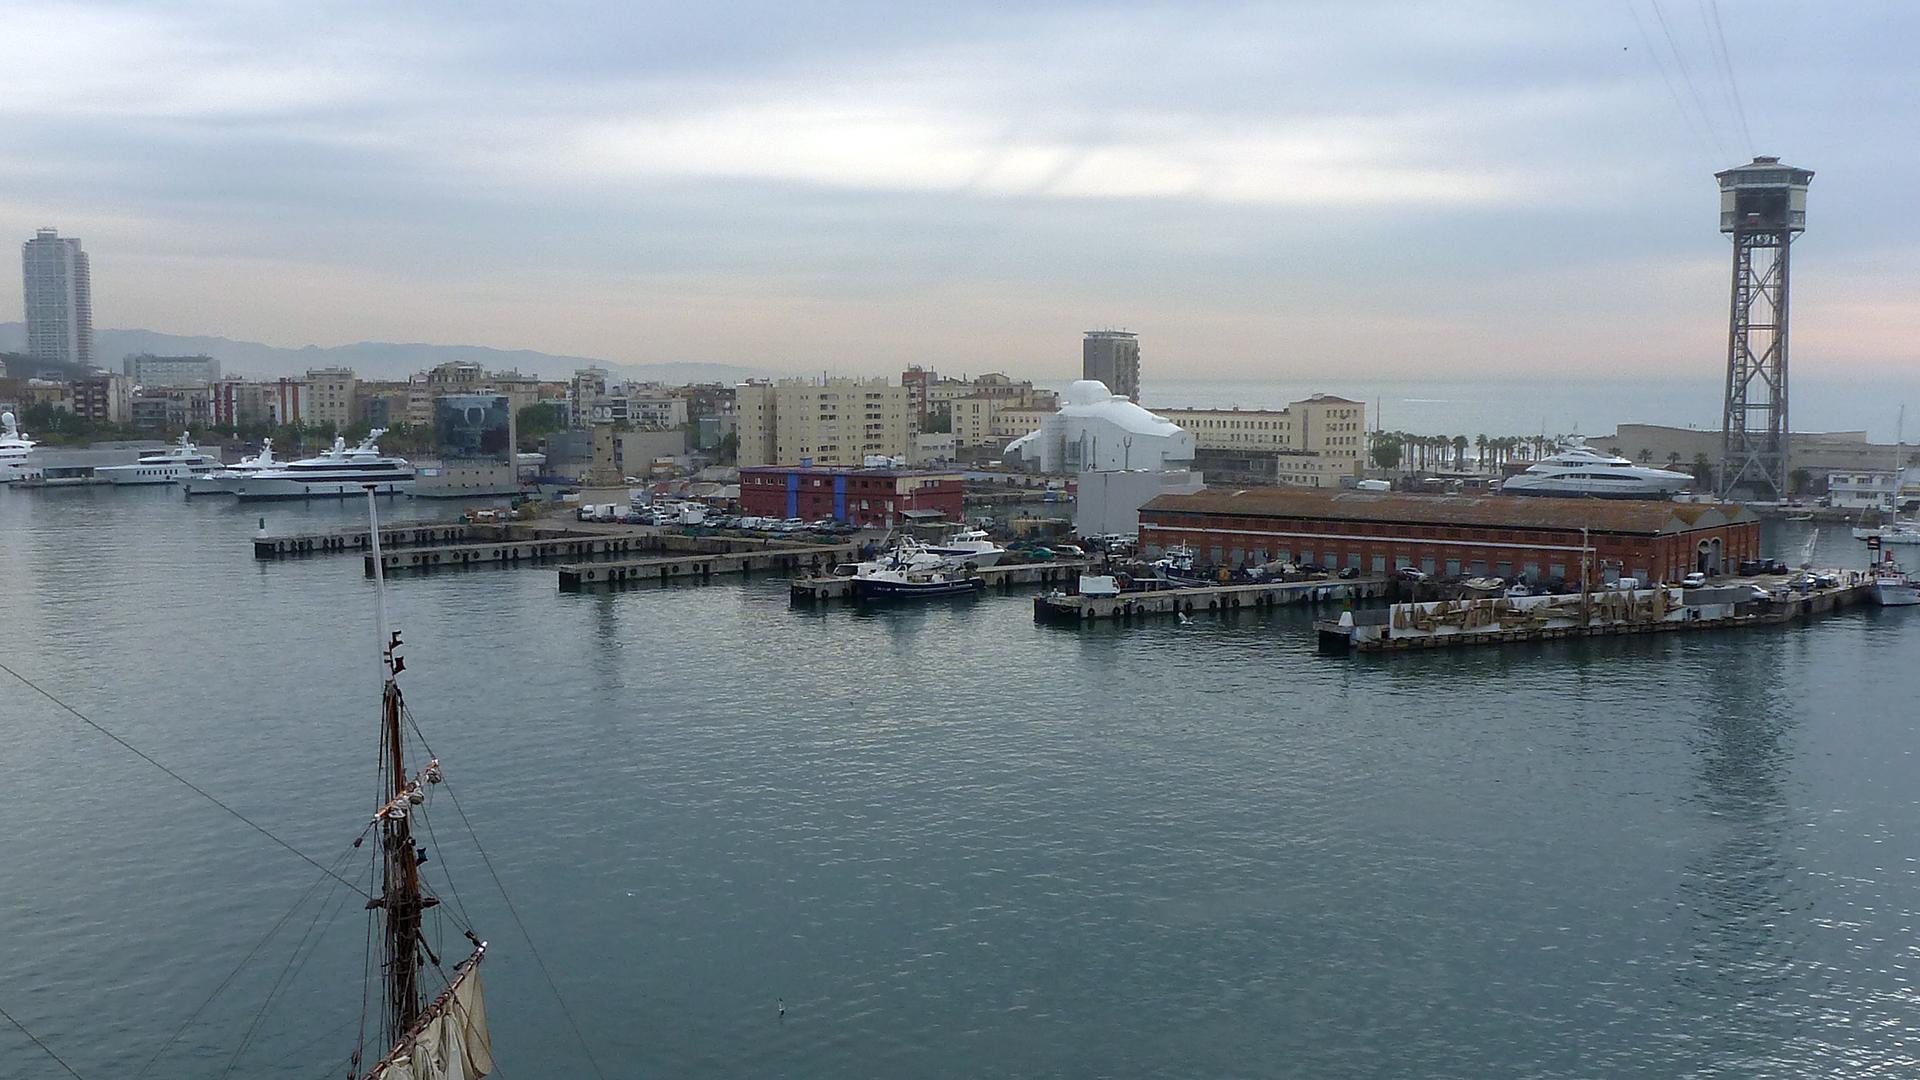 Maler-Wedel-Hamburg-Innenarbeiten-Motoryacht-Polarstar-Hafen-Barcelona-2